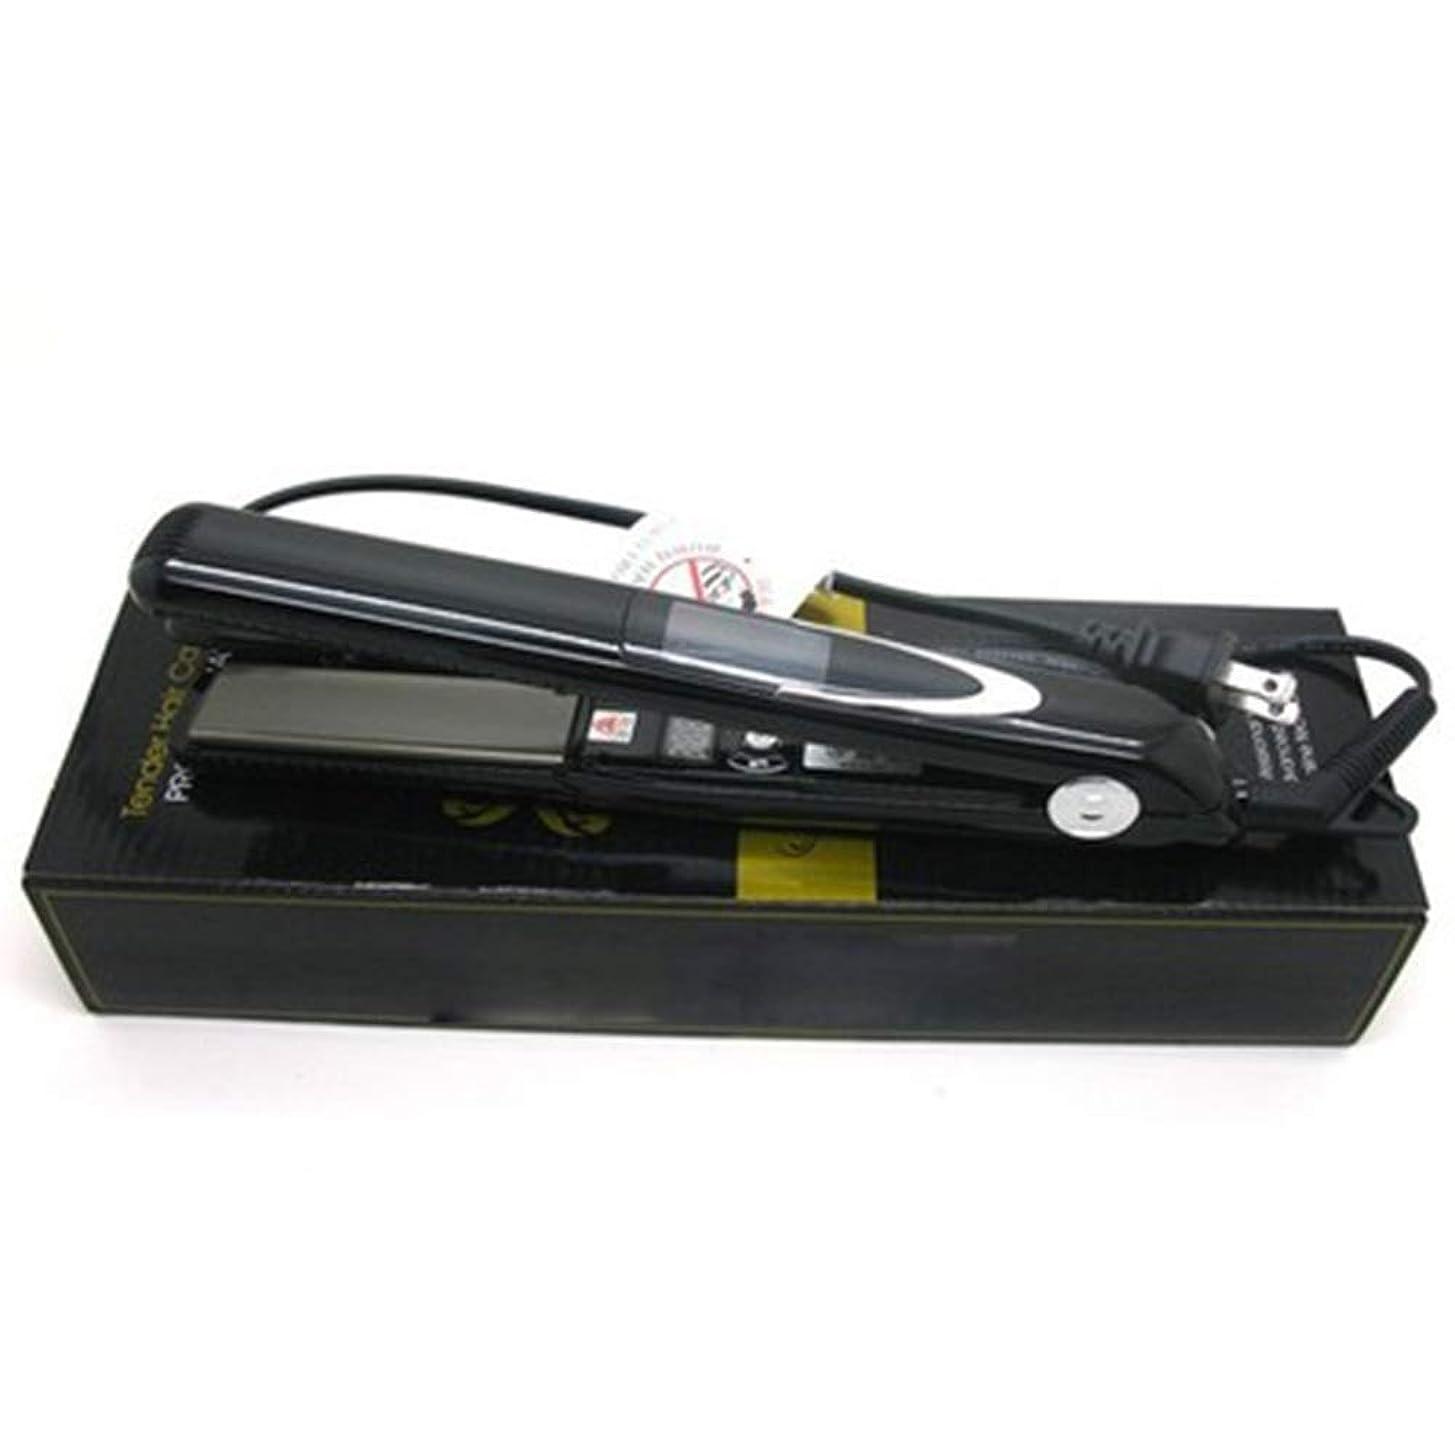 効果的に革新伝導KUVV急速加熱 振動ストレートヘアアイロン電気スプリントセラミックストレートヘアスプリントファッションストレートストレートパワースプリント